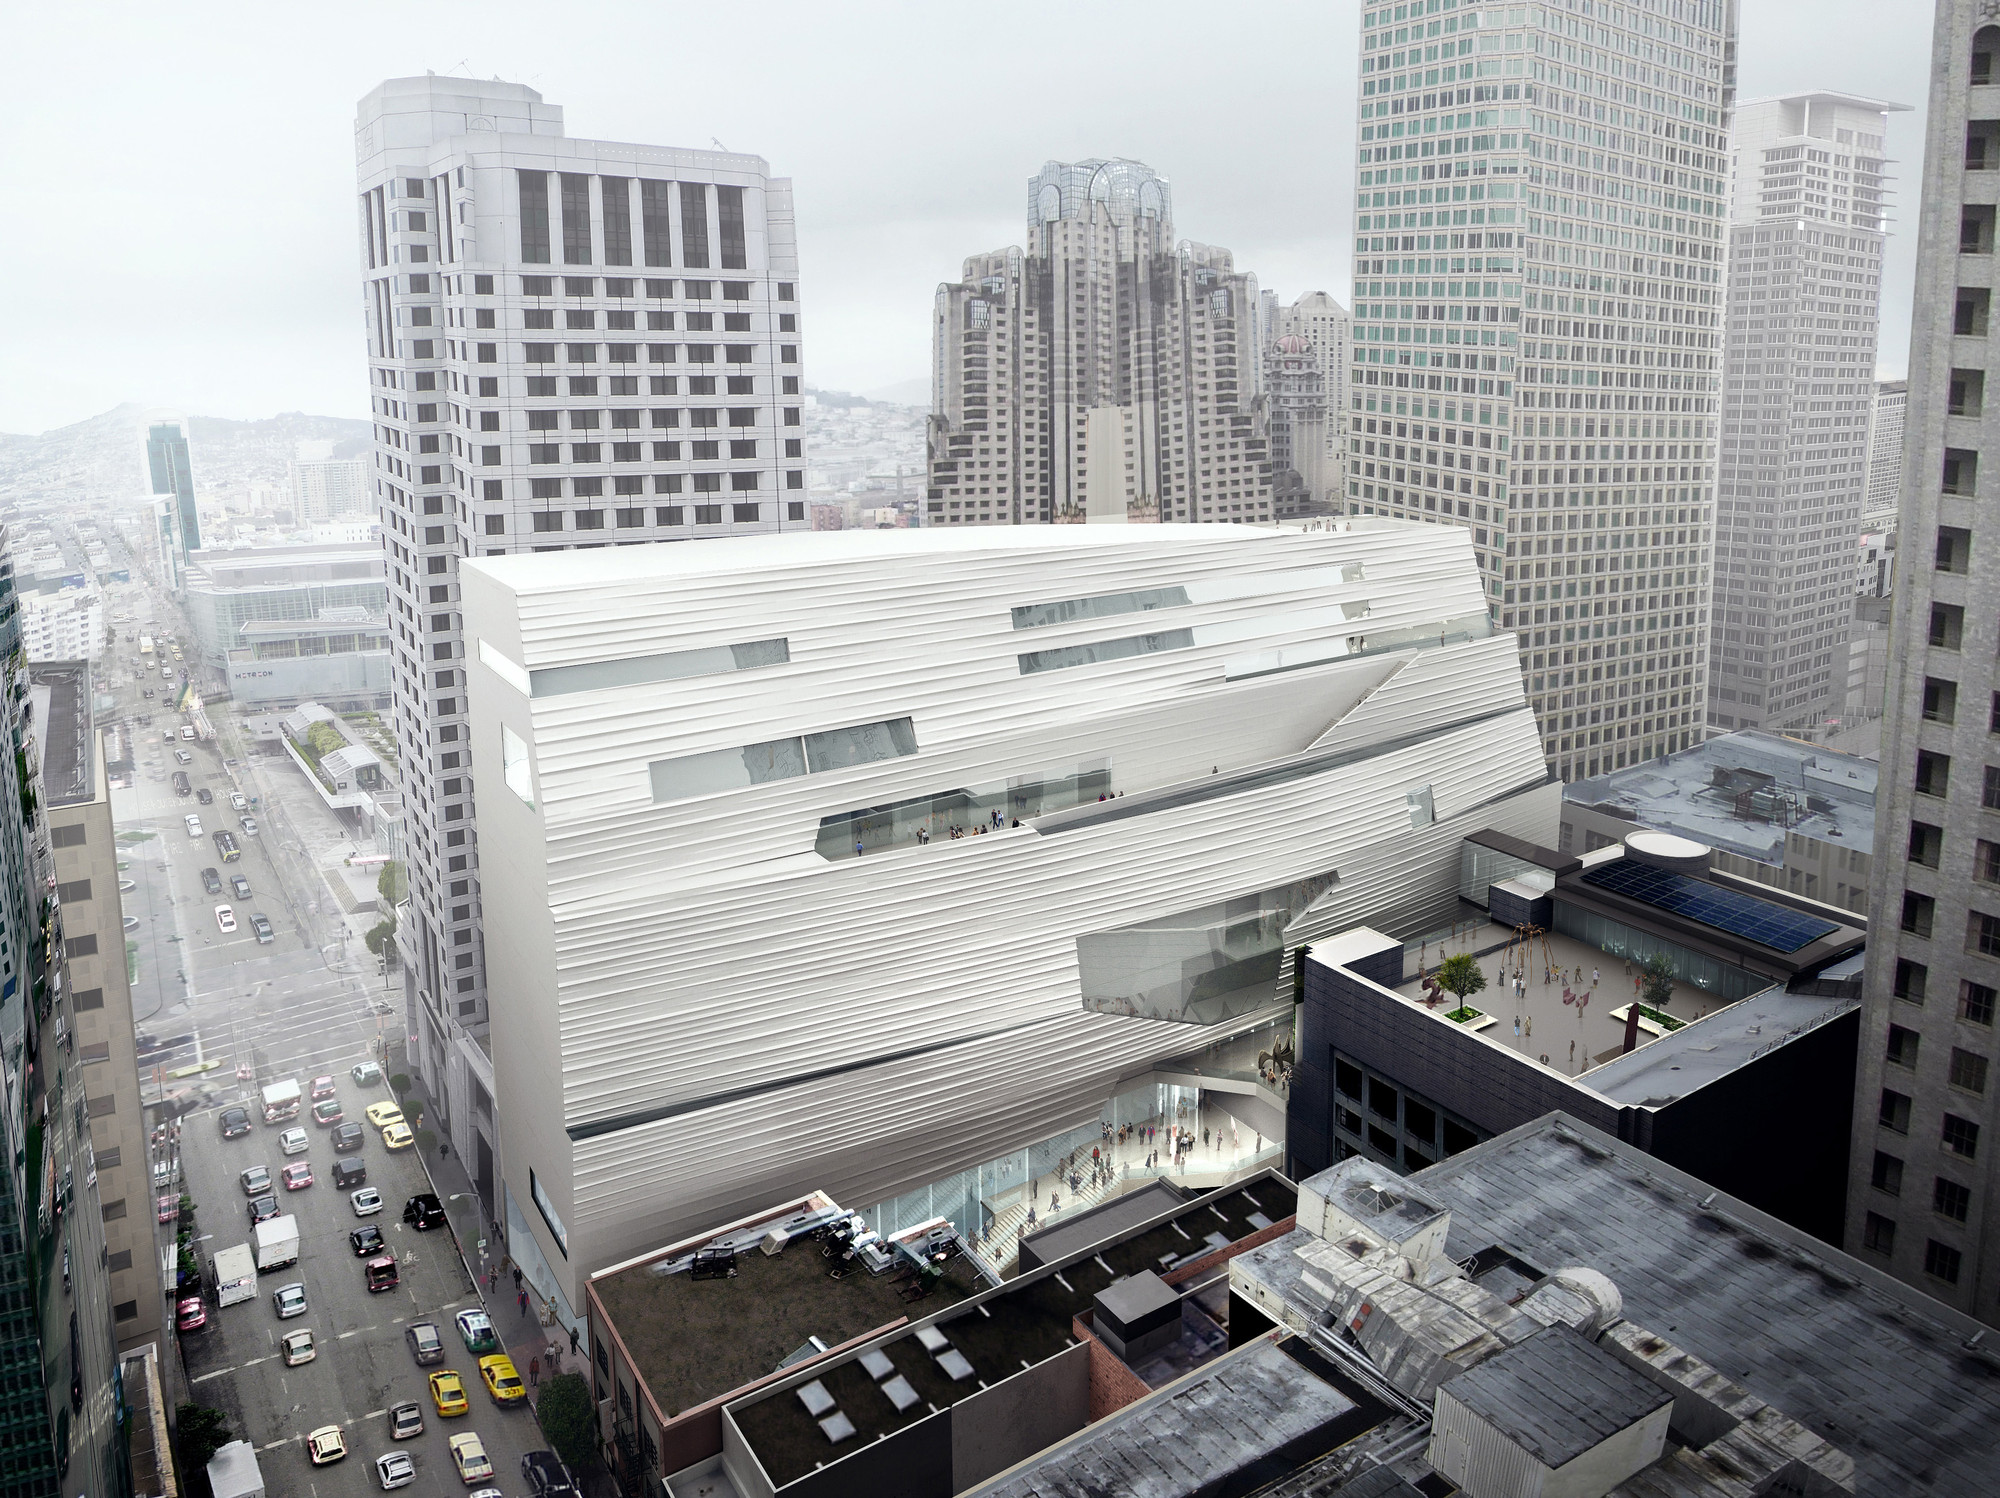 San Francisco MoMA Expansion